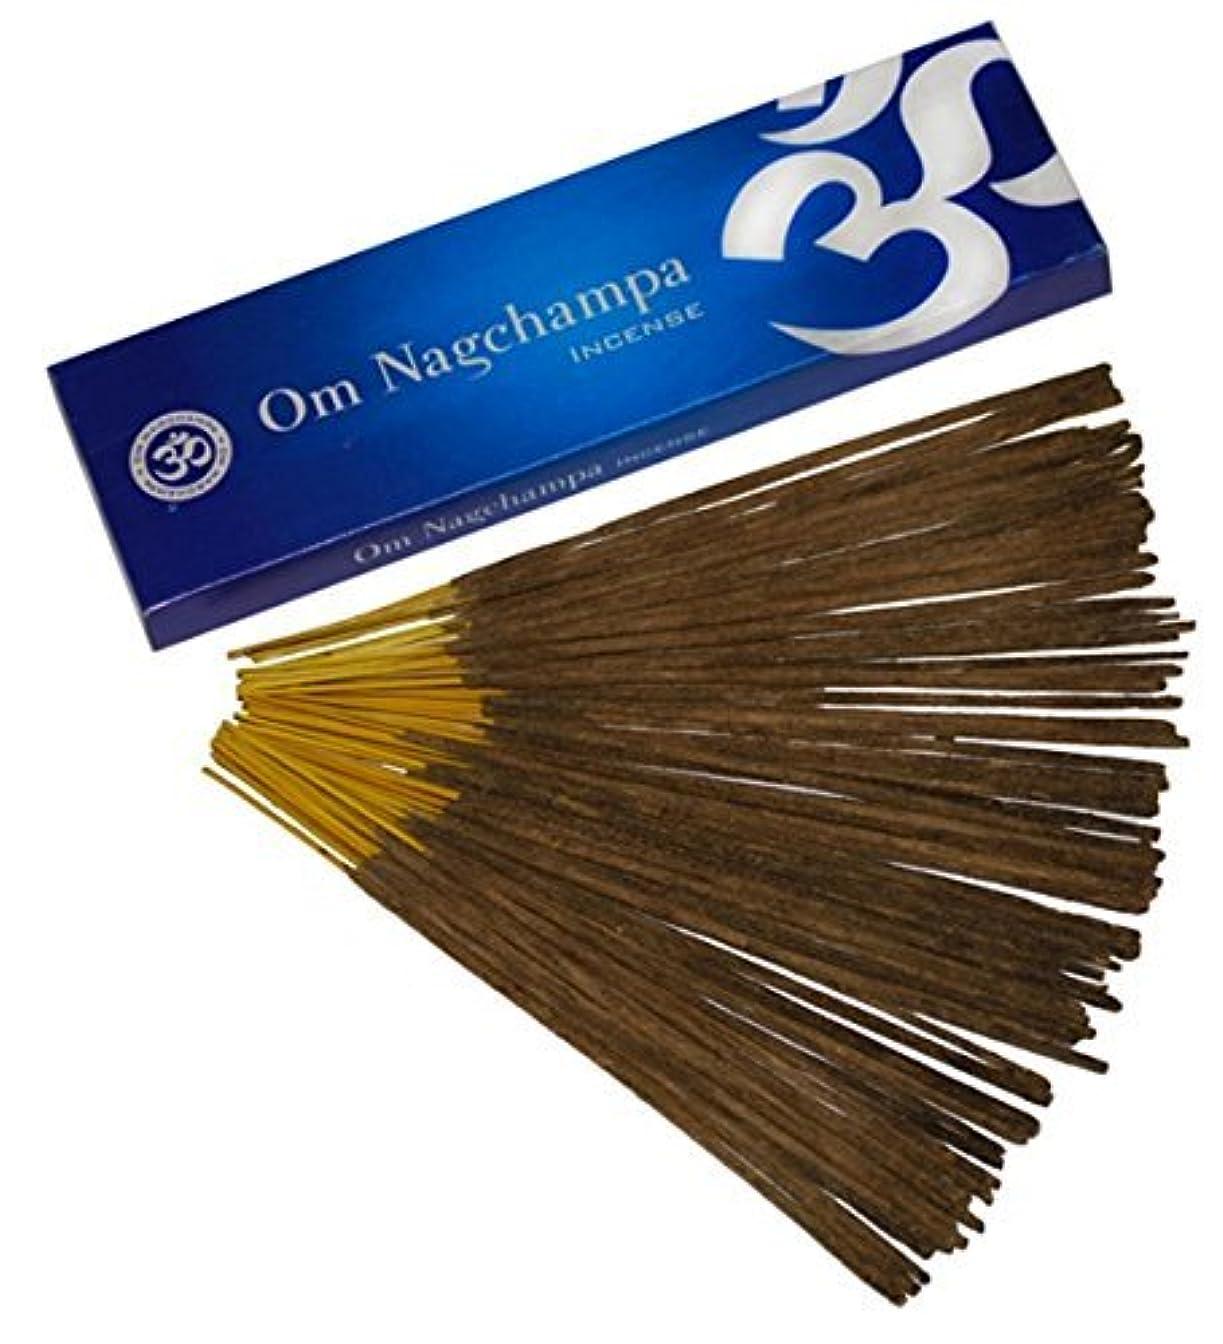 侵入ベテラン無意識Om Nagchampa Nag ChampaプレミアムIncense Fragrance 15 g 40 g 100 g 100g ブラウン B00MV3LZ9E